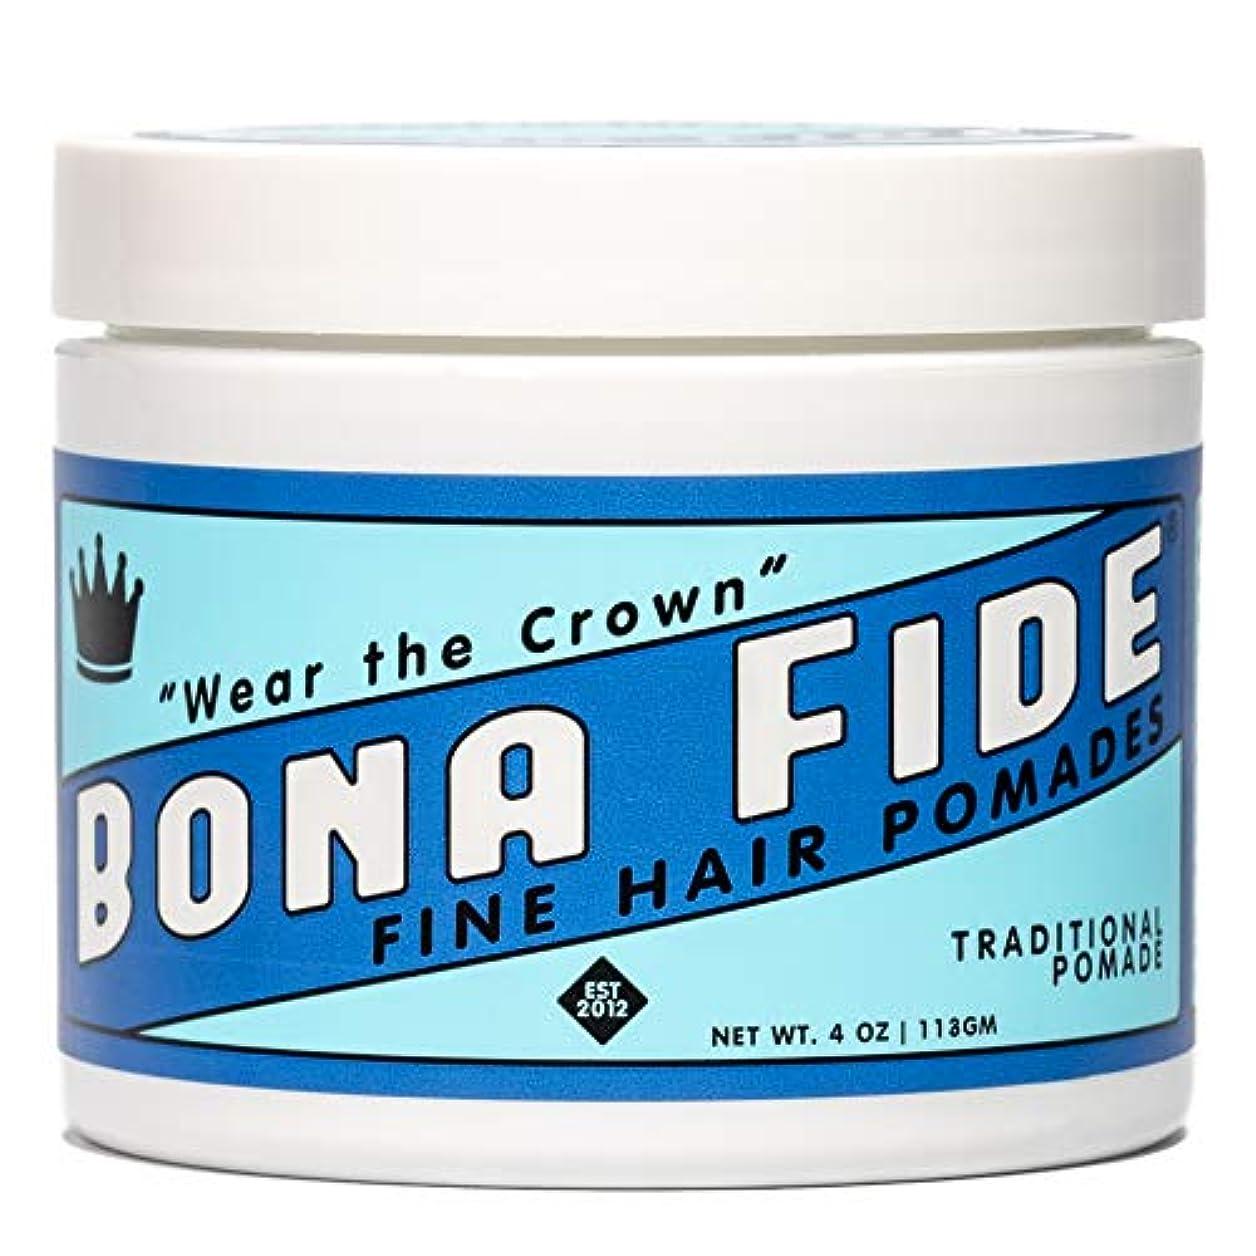 ミニ裁判所経済的Bona Fide Pomade, トラディショナルポマード, TRADITIONAL POMADE, 4oz (113g)、オイルベースポマード (整髪料/ヘアー スタイリング剤)